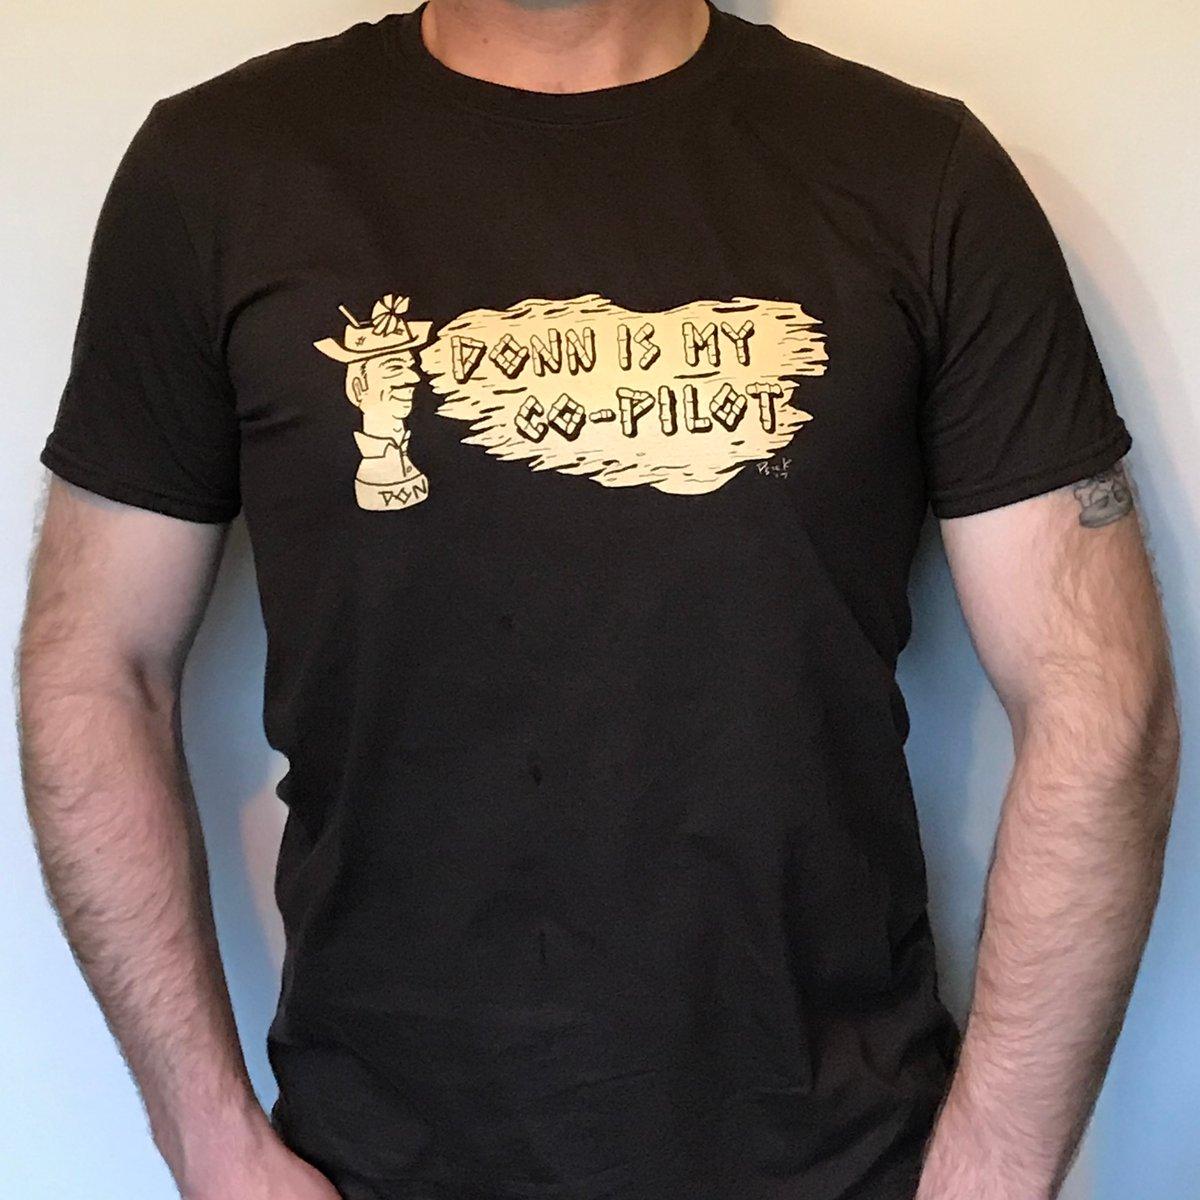 DONN IS MY CO-PILOT Men's T-Shirt